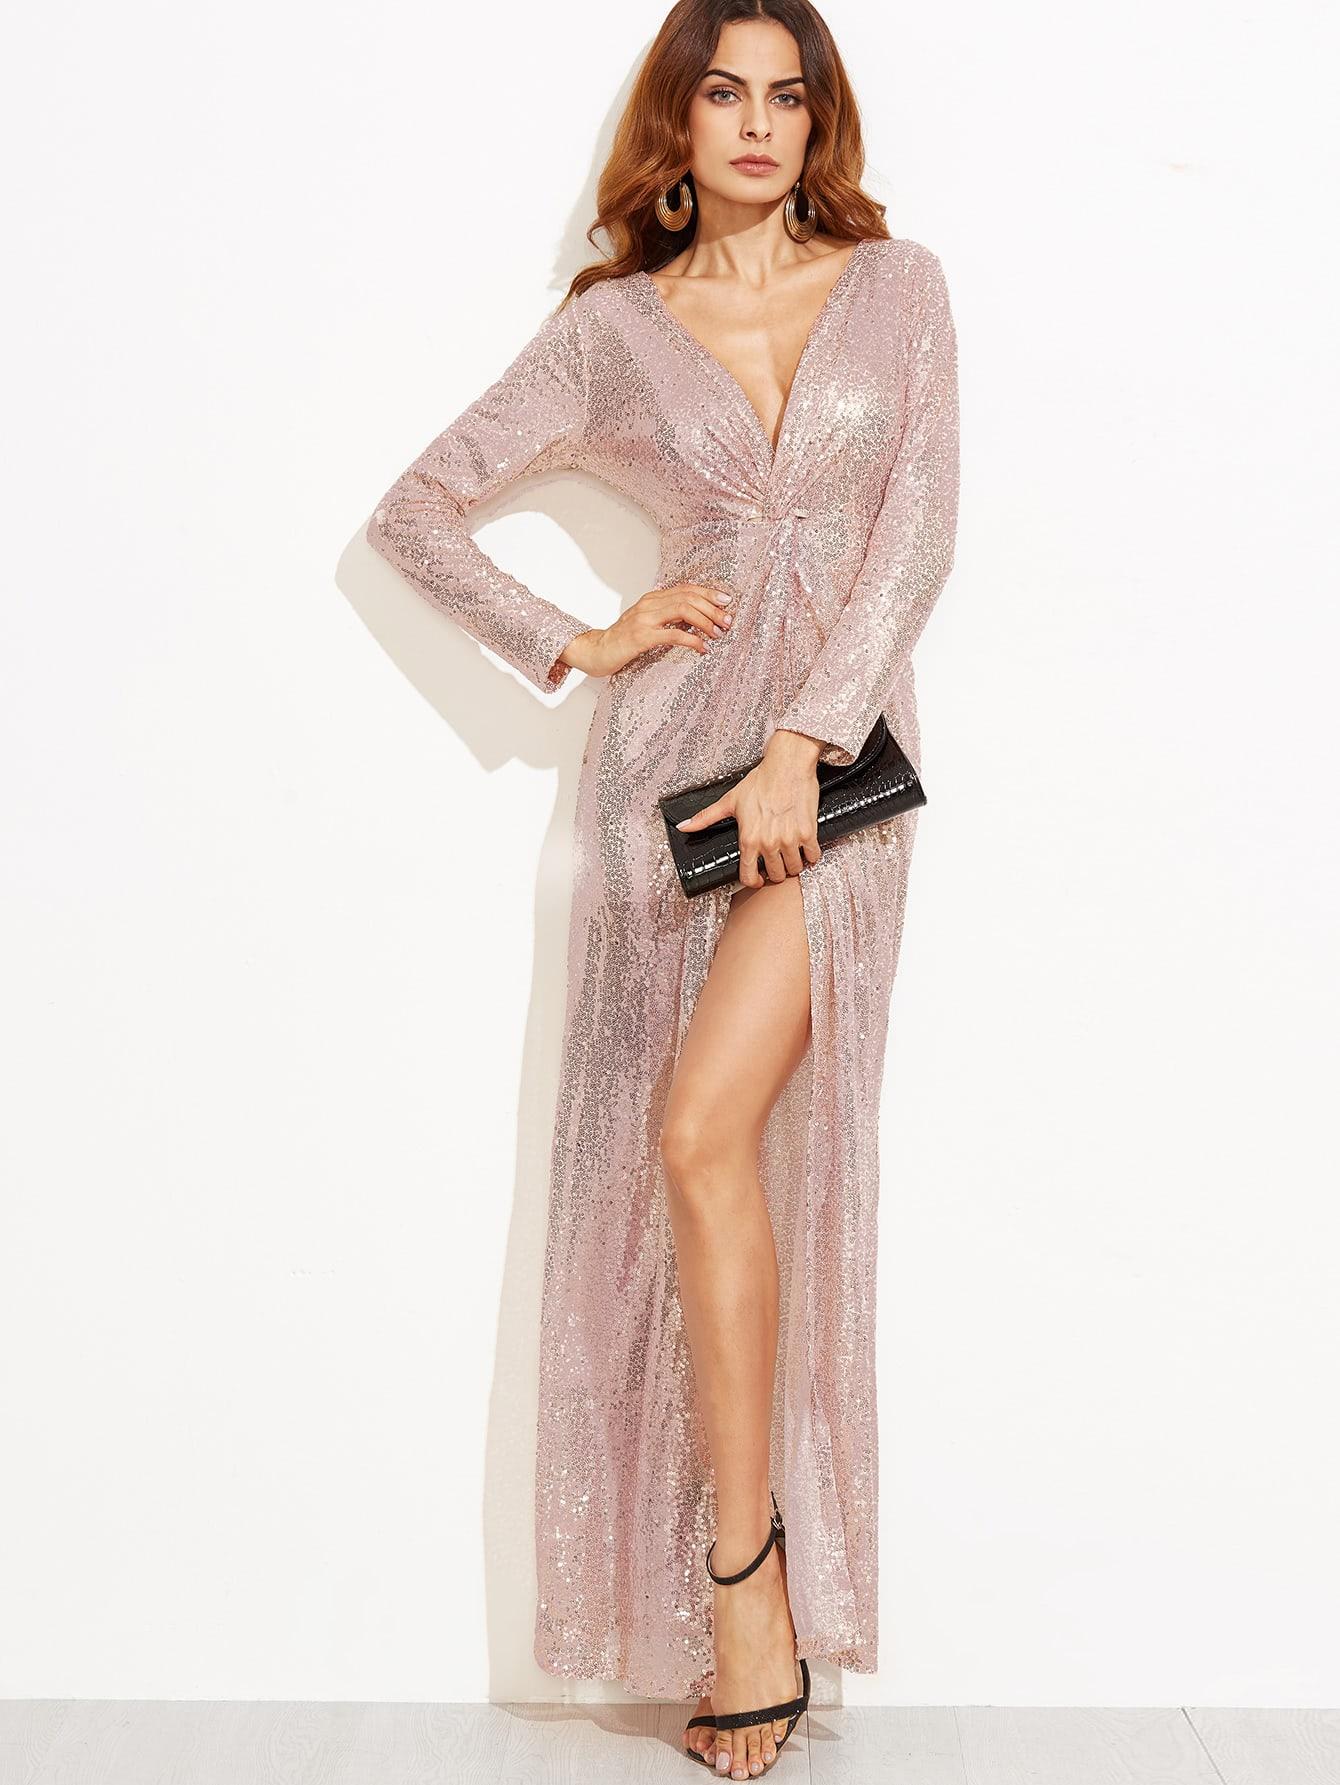 Deep V Neck Twist Front High Slit Sequin Dress dress160908302